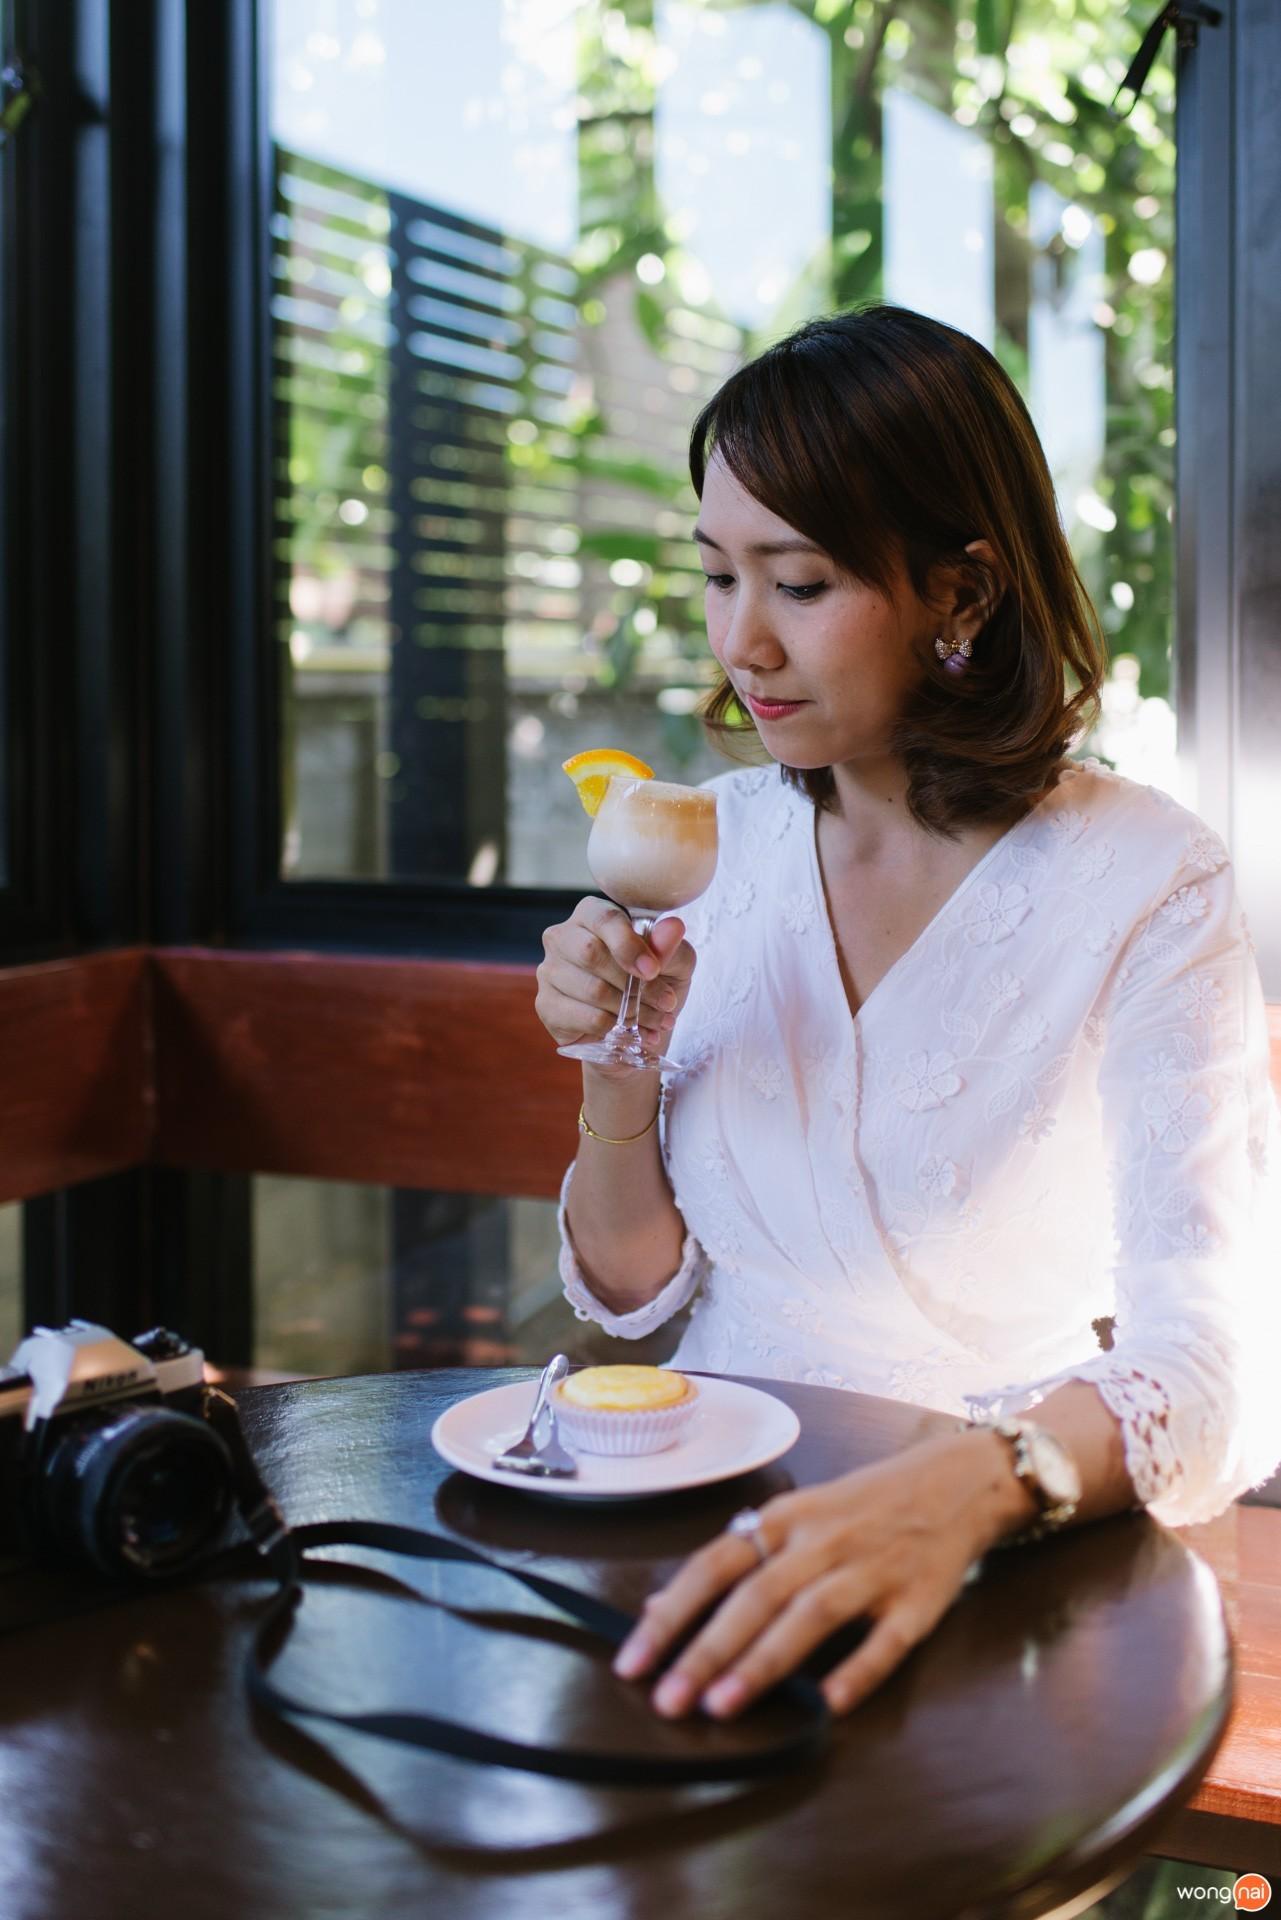 One Day Trip ที่เที่ยวขอนแก่น ไหว้พระ จิบกาแฟ ชมธรรมชาติ